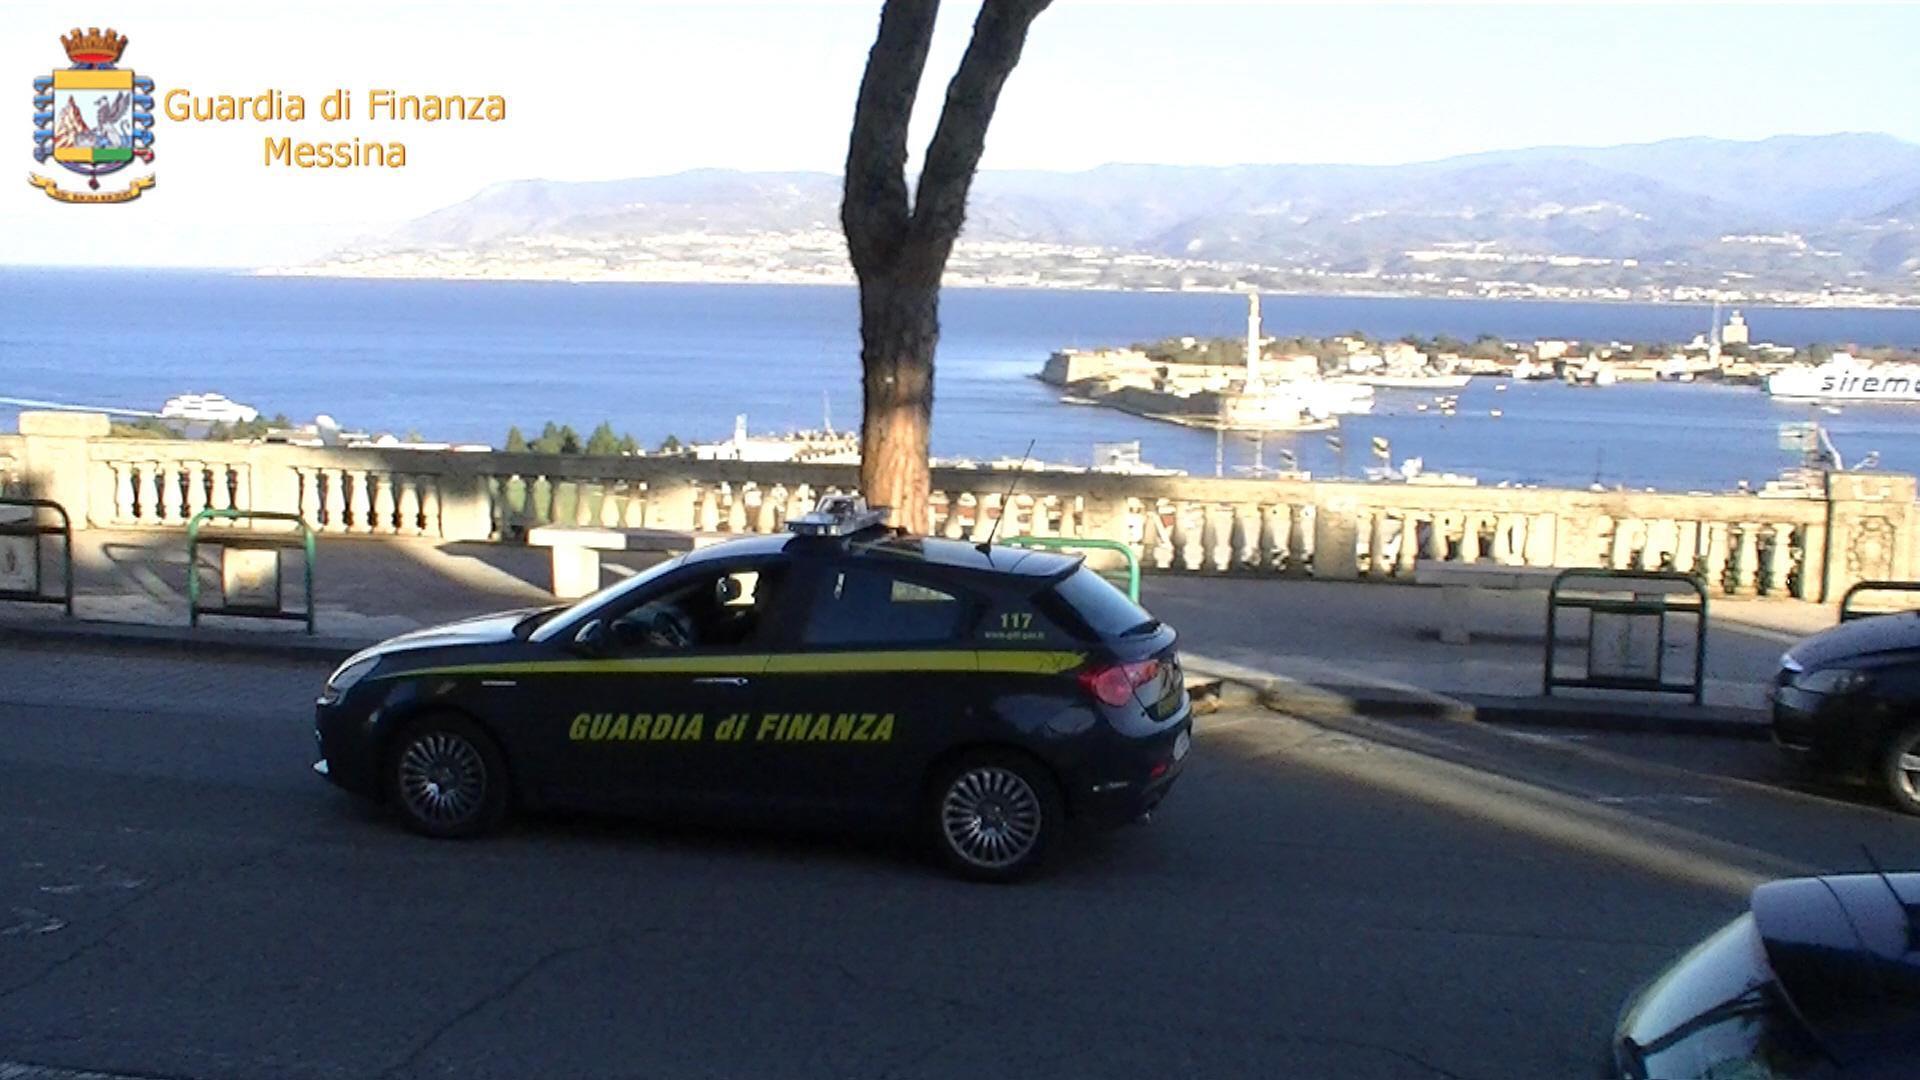 Foto di un'auto della guardia di finanza